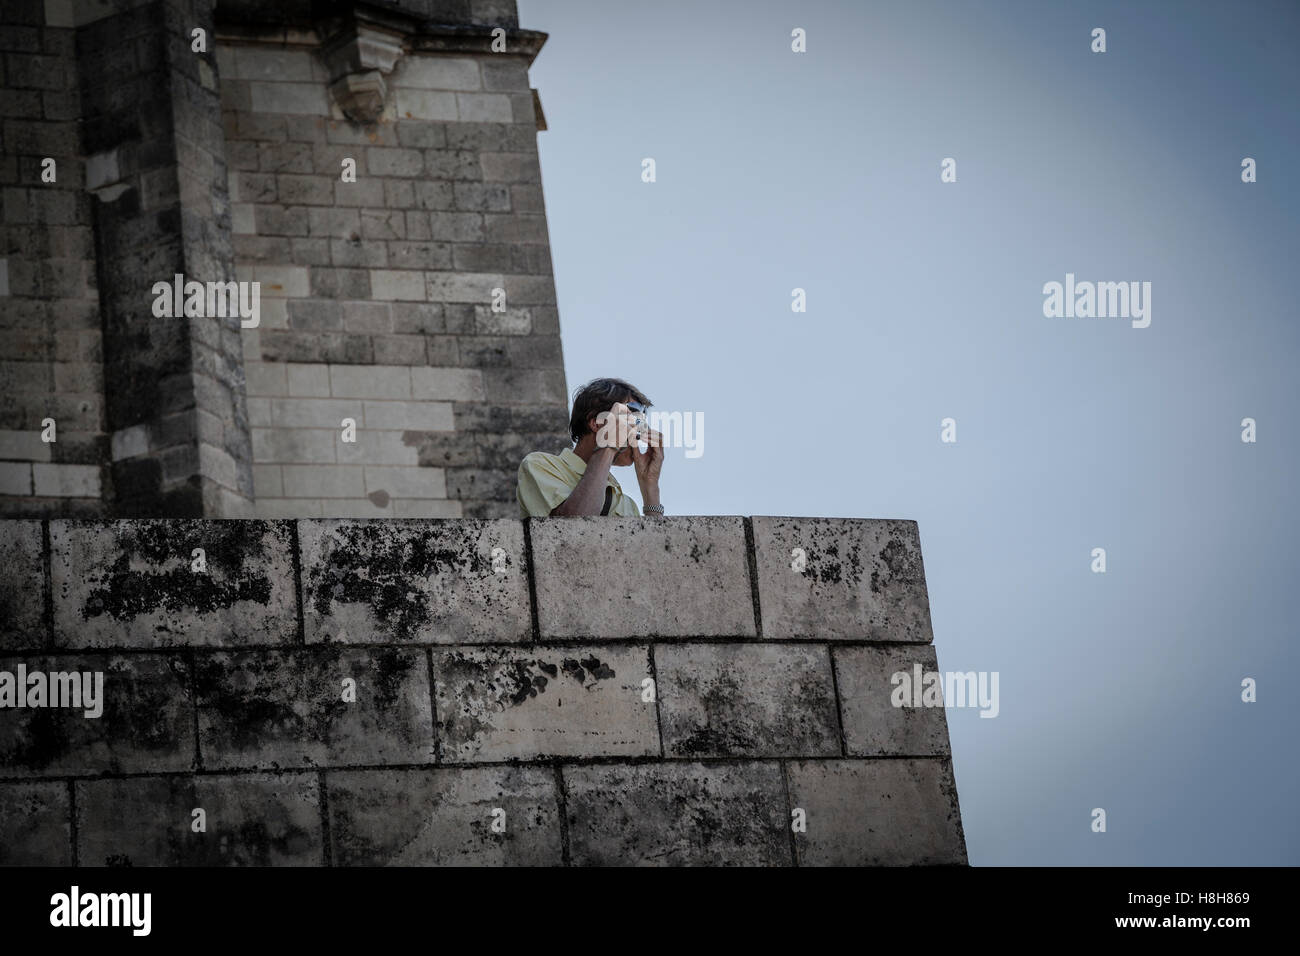 Hombre viajero es hacer la foto con una cámara de apuntar y disparar un casco antiguo de la ciudad de Amboise, Imagen De Stock